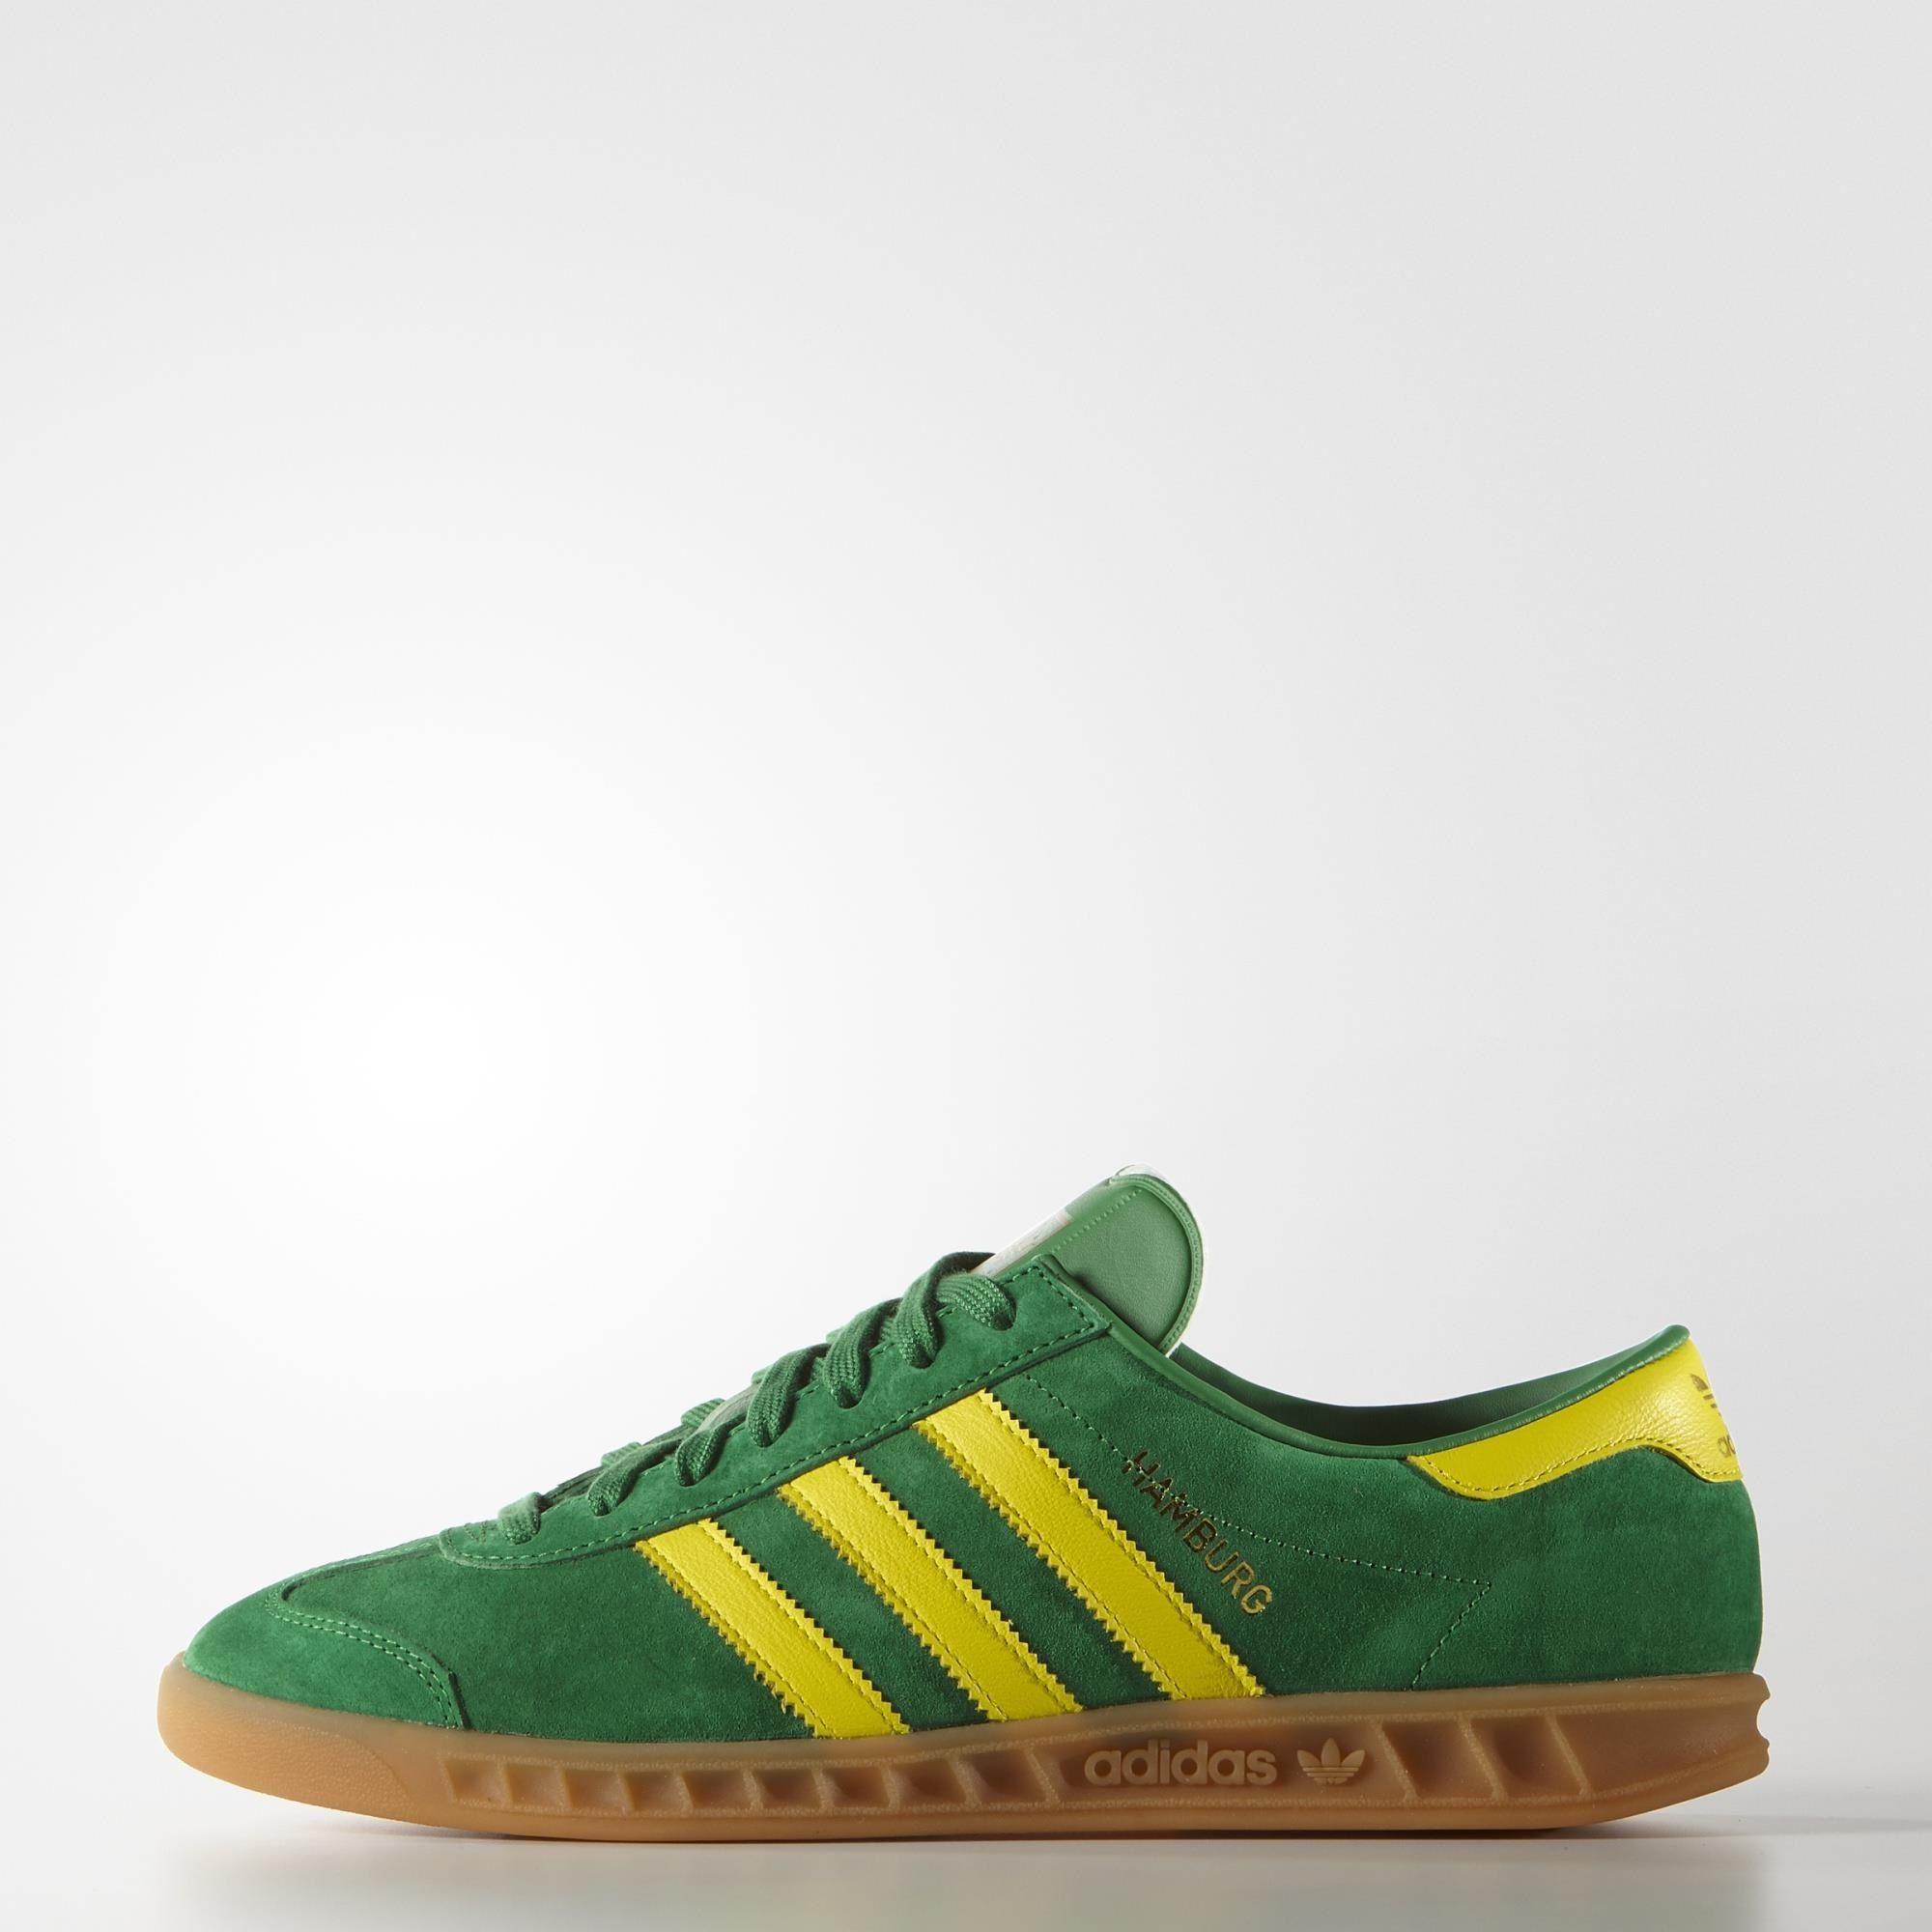 adidas shoes sale deutschland